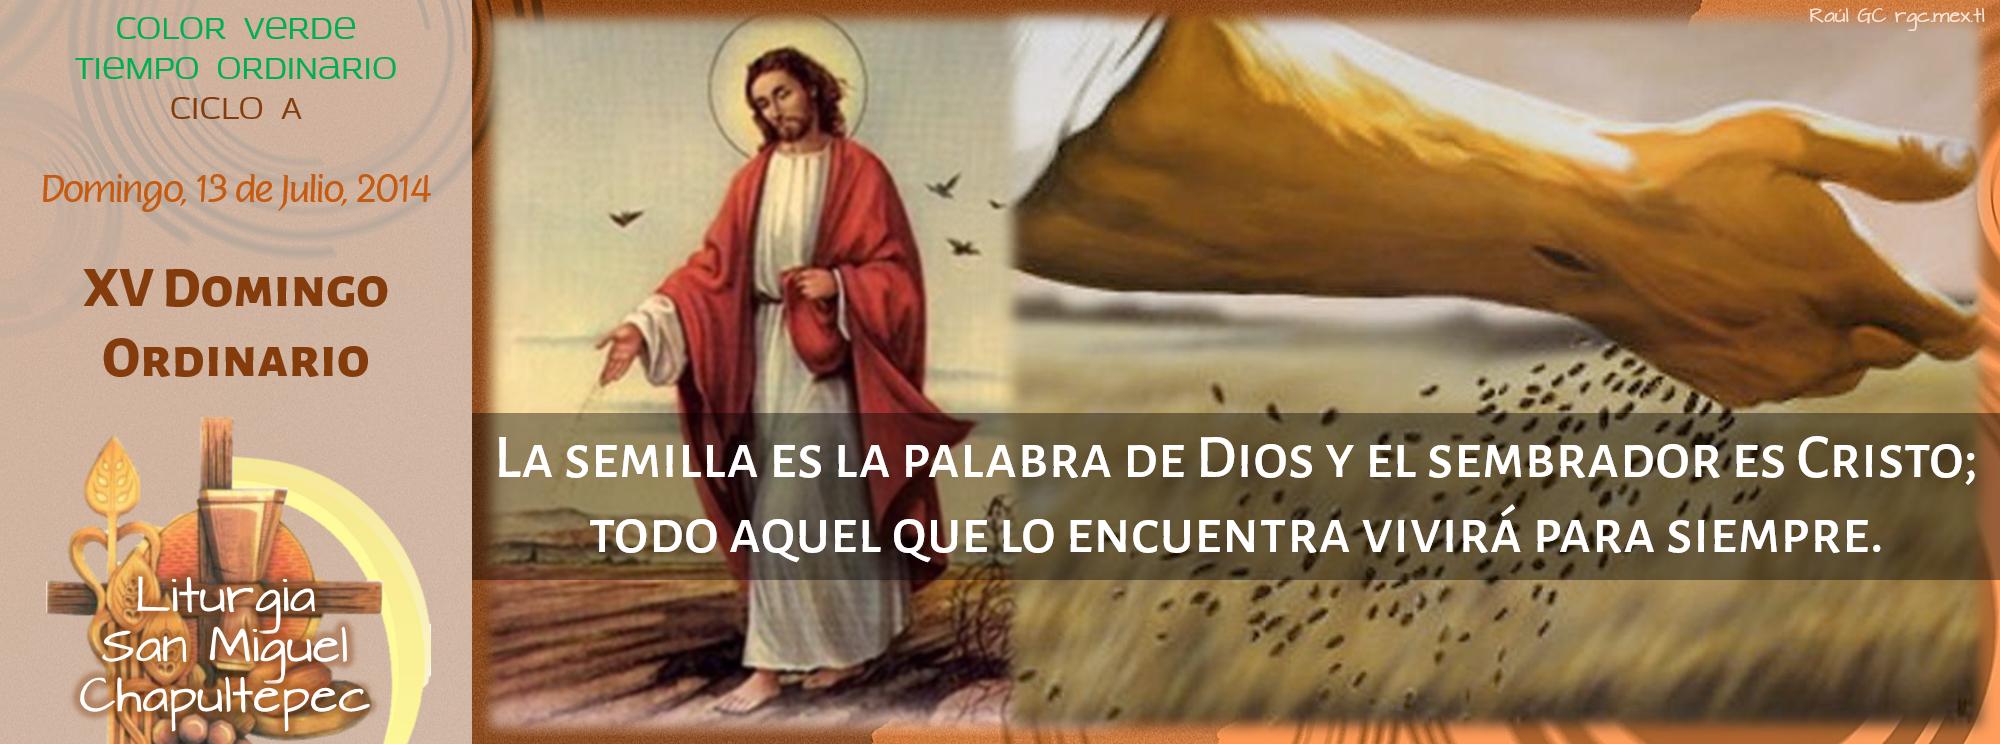 Ciclo A, XV Domingo Ordinario Facebook